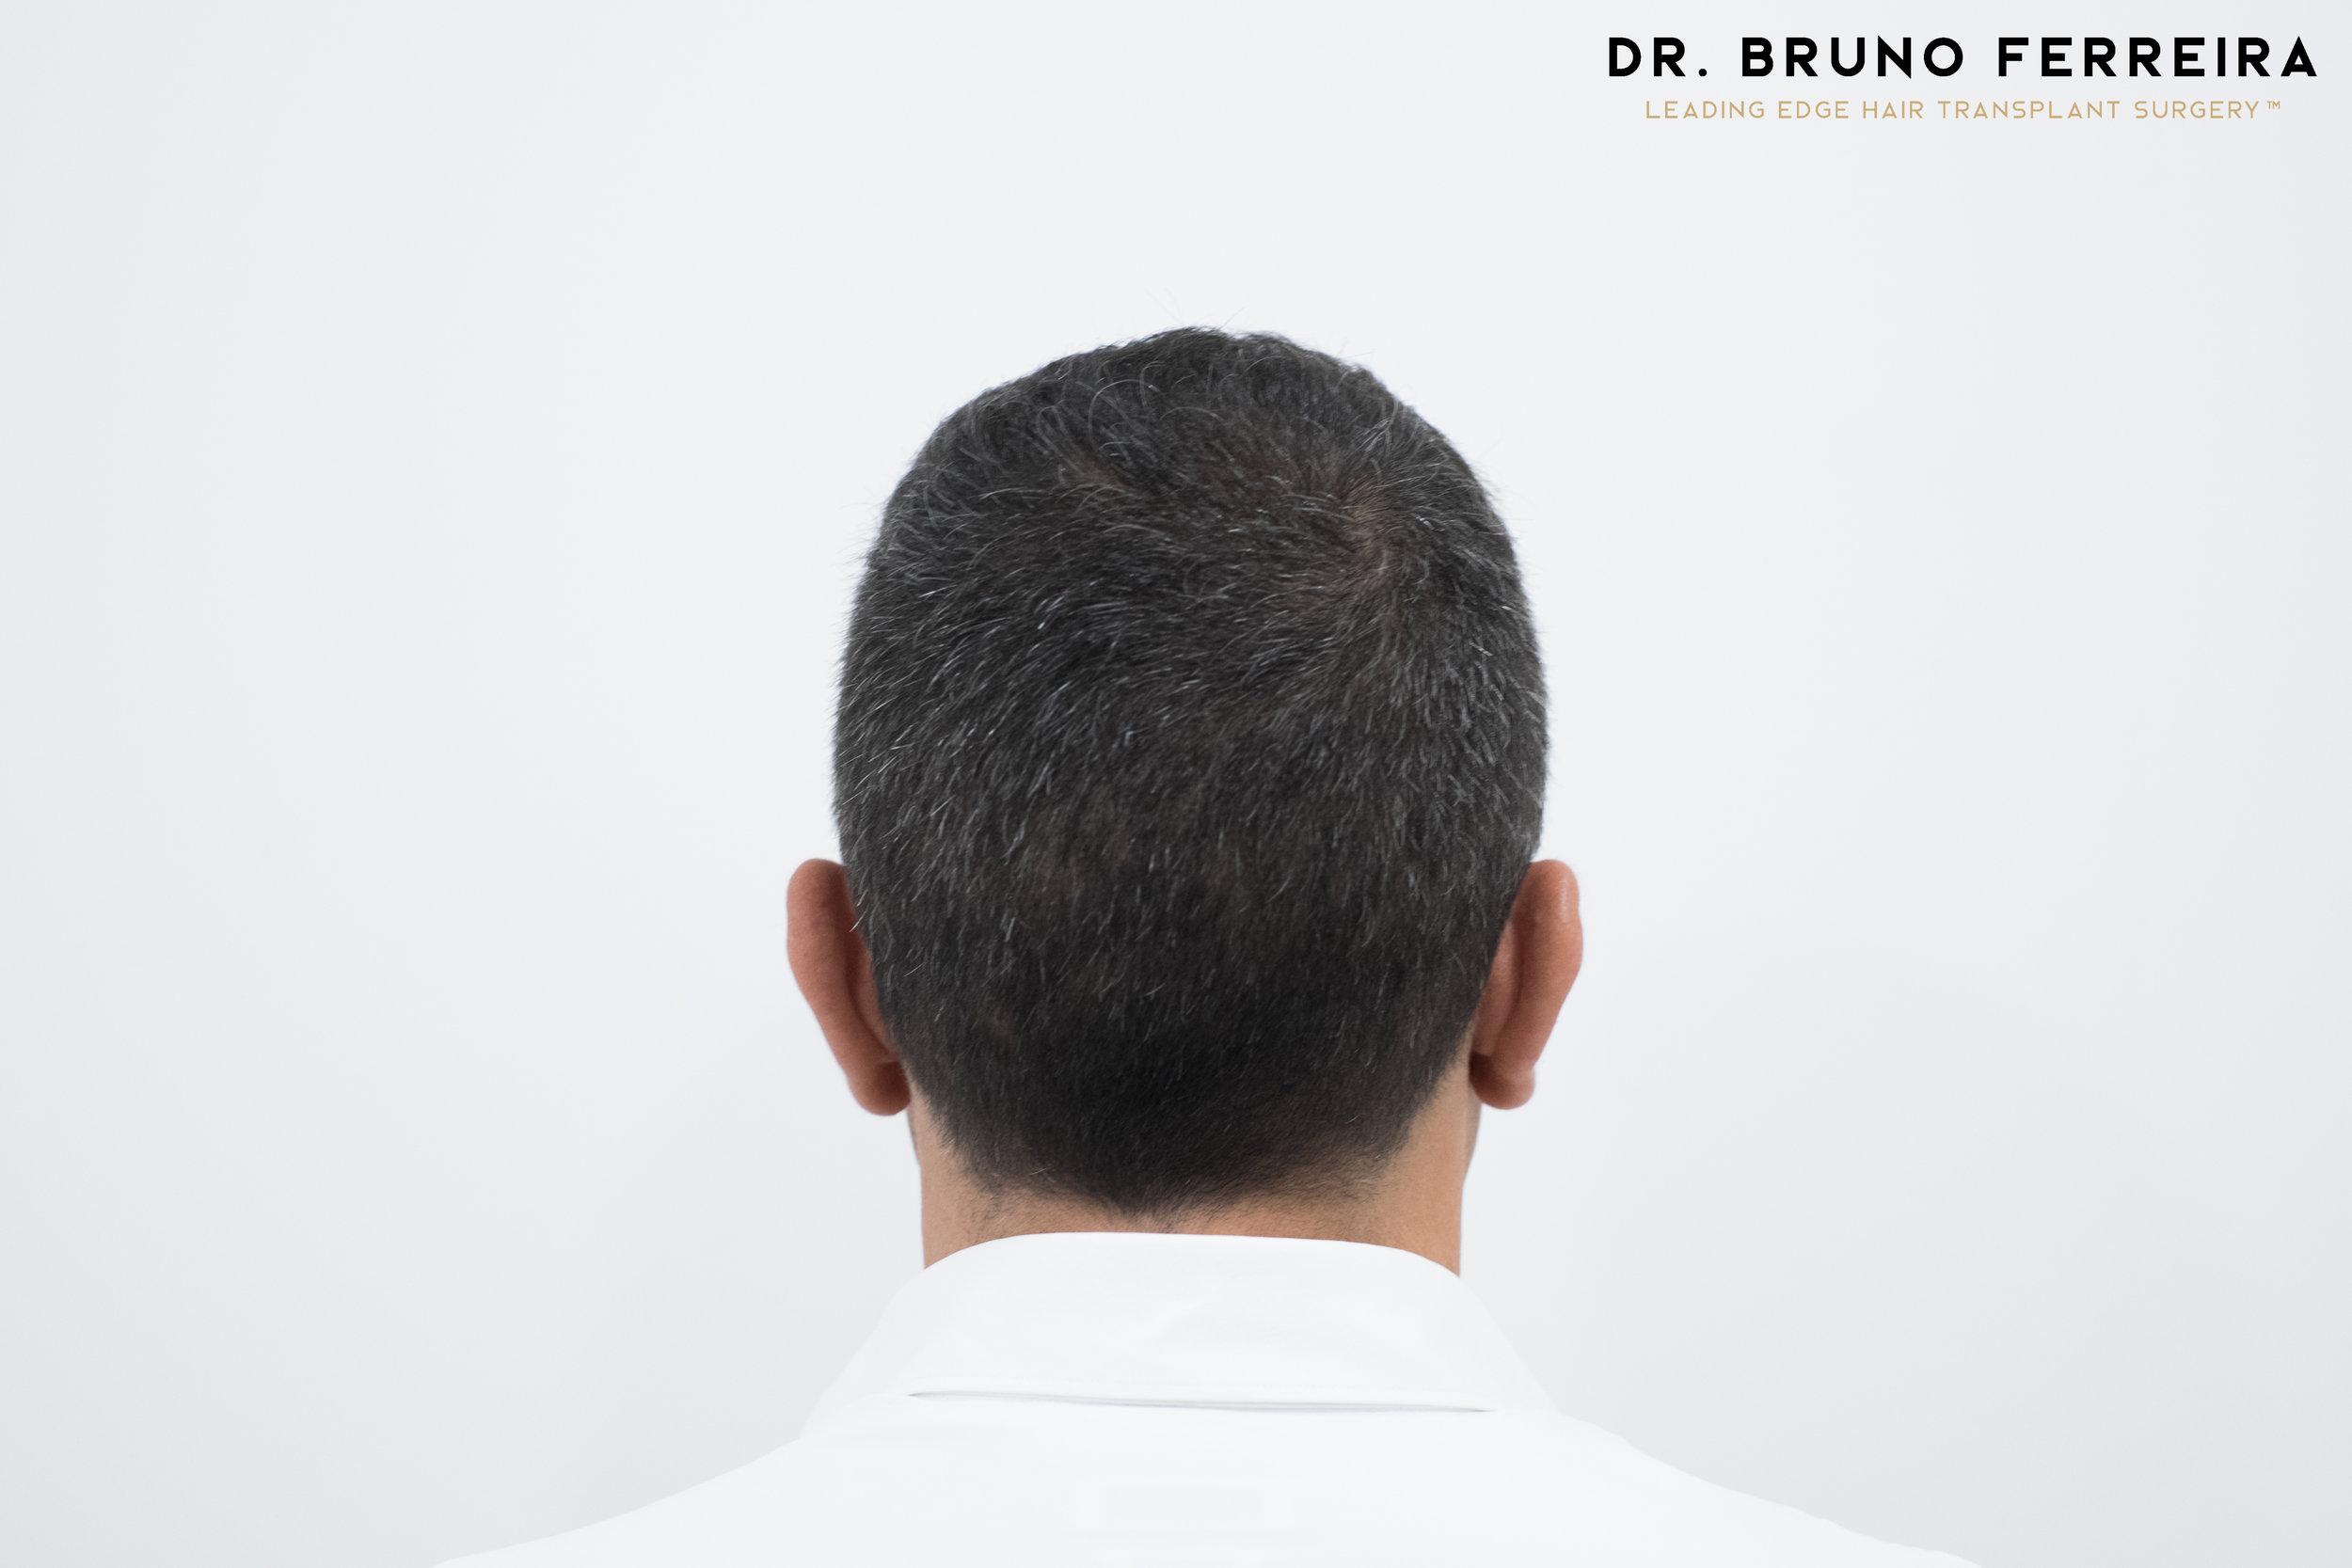 00018 DR. BRUNO FERREIRA (Case 1) - 8 months - 3.jpg